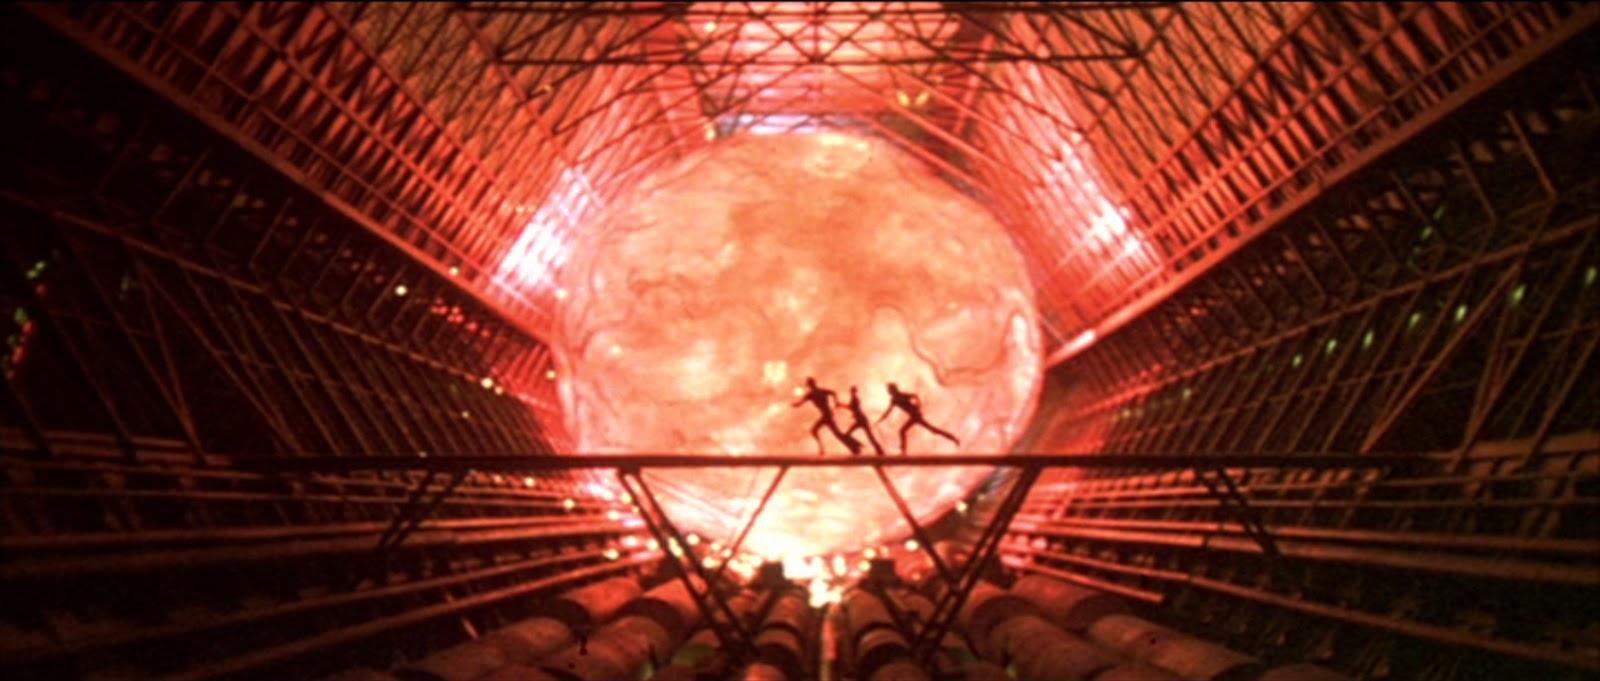 black hole house images black hole disney movie